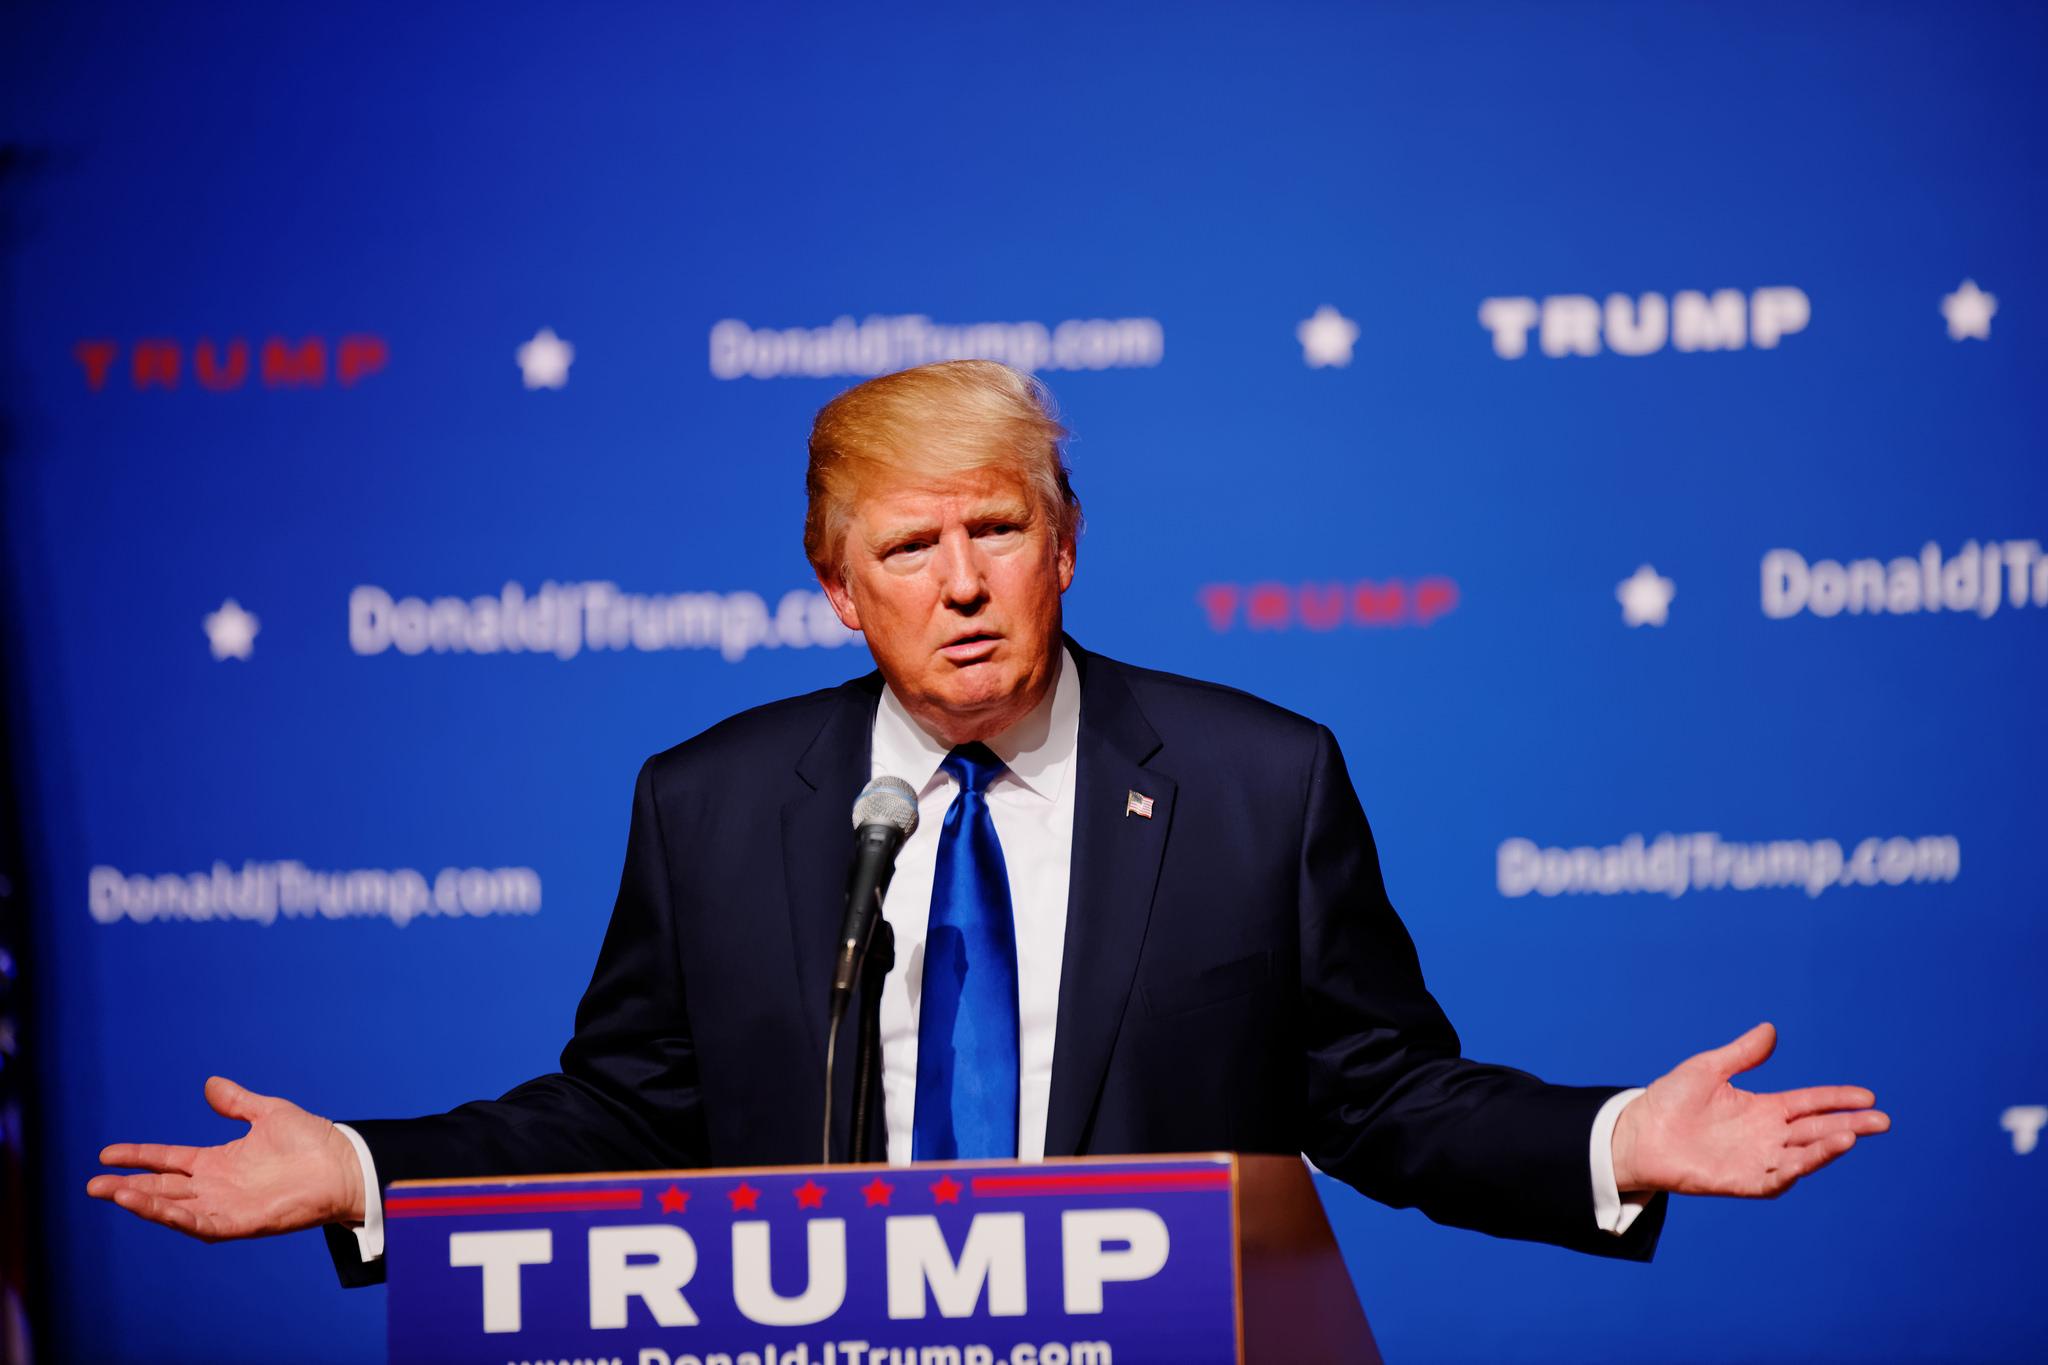 Lewandowski powodem kłopotów Trumpa. Awantura o siniaki dziennikarki (video)